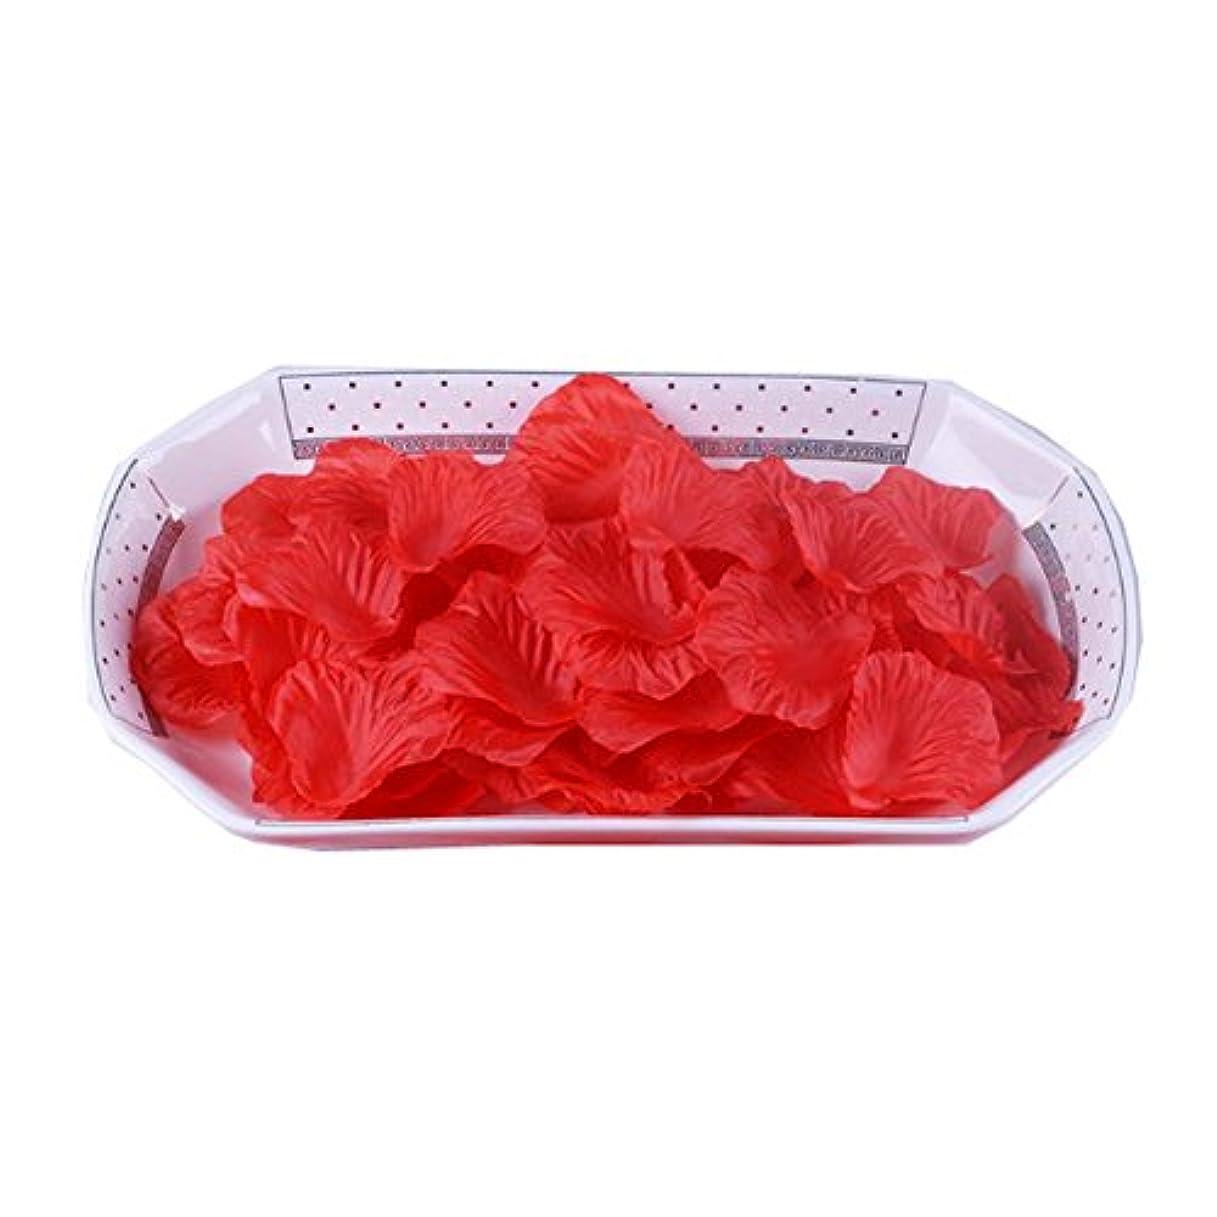 ストリップ夕方燃やす結婚式の装飾のための人工のバラの花びらの偽の花びら3000 PC